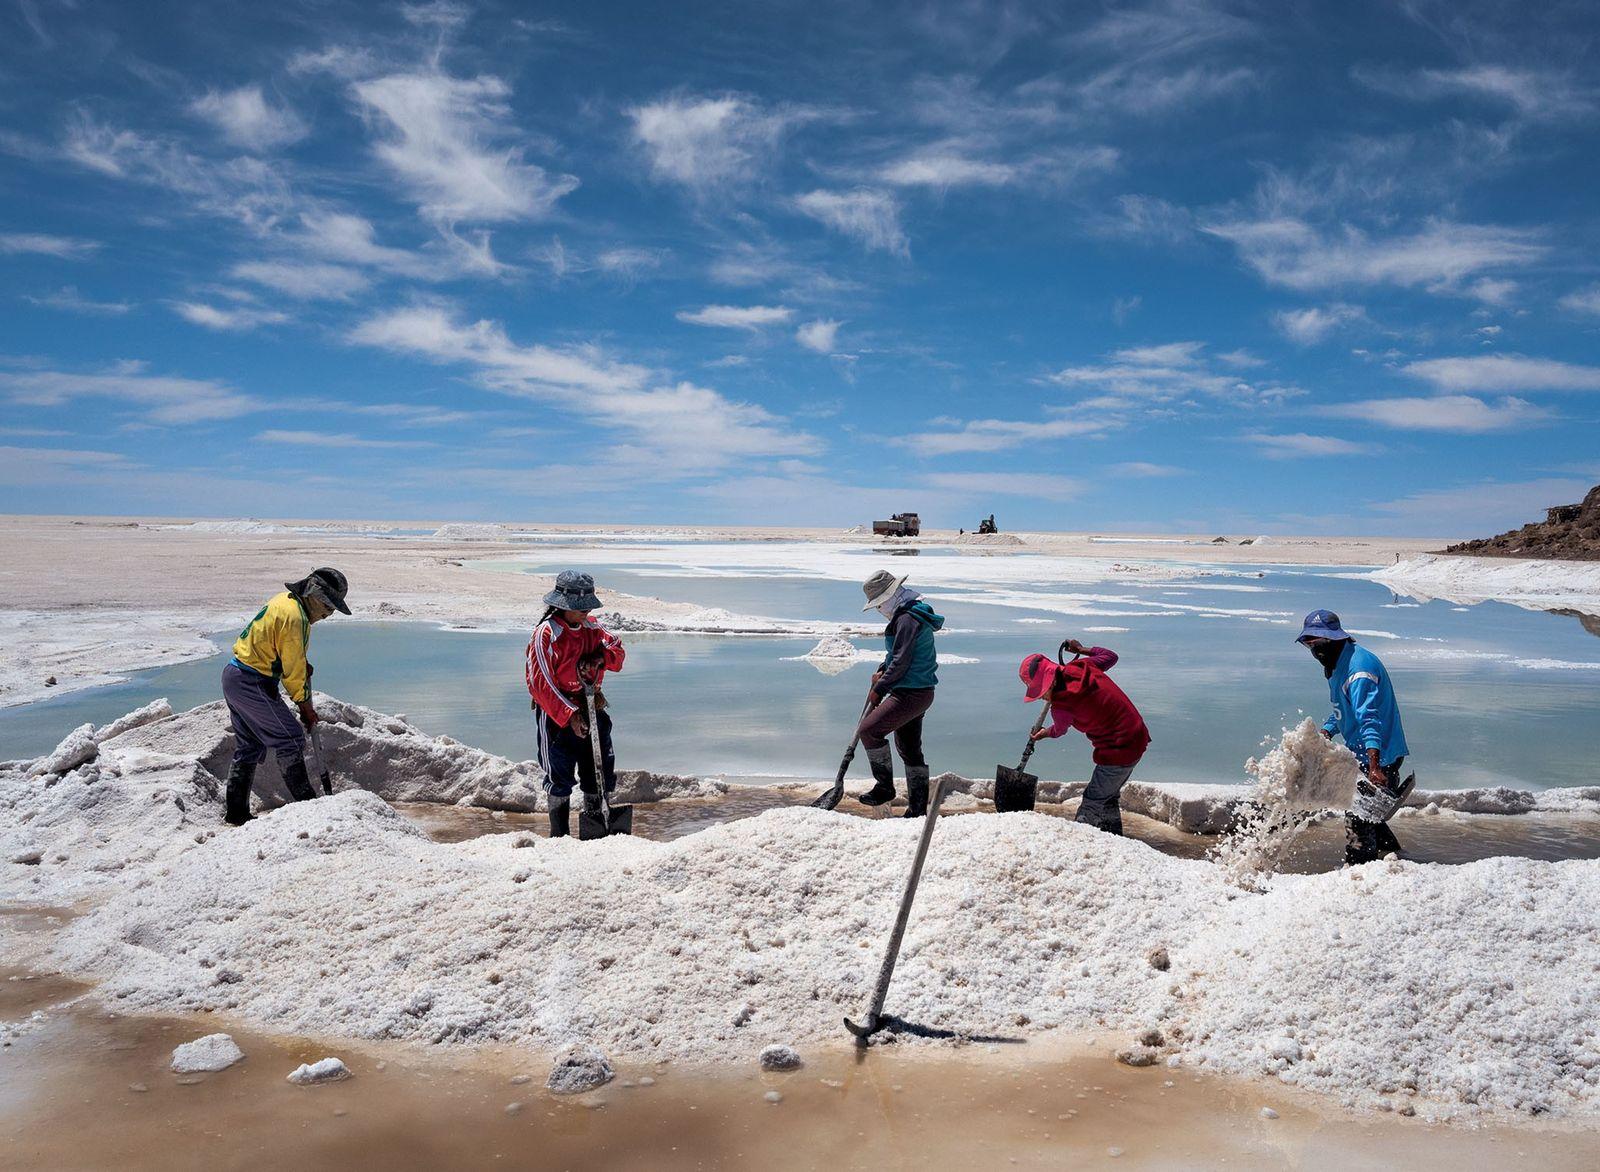 A população indígena Aimará colhe sal para vender na planície de sal de Uyuni, na Bolívia, ...